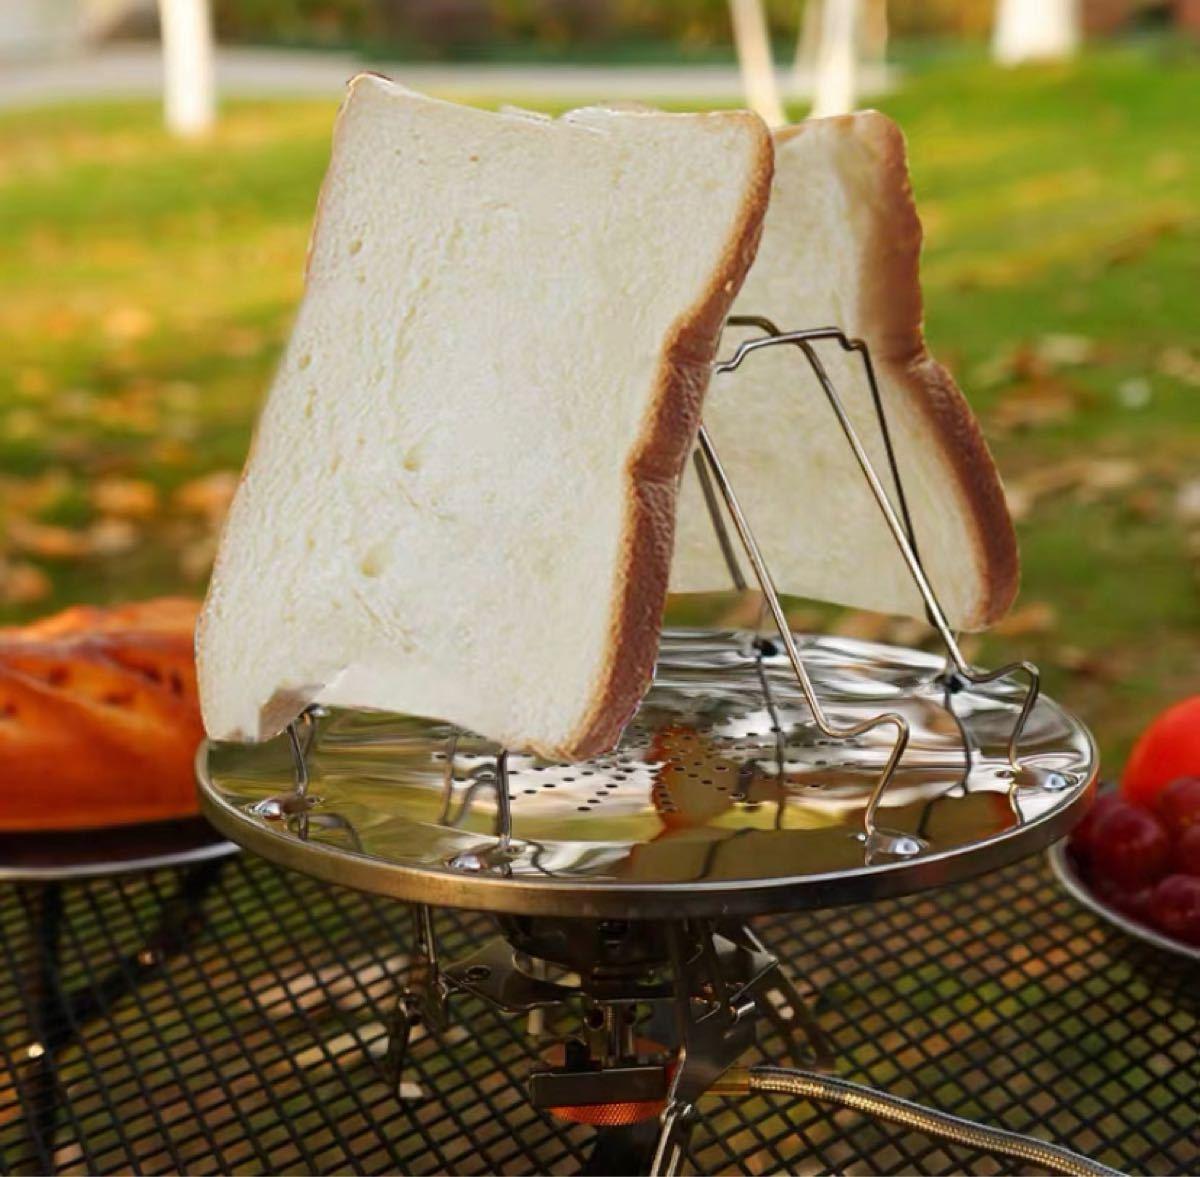 キャンピングトースター*アウトドア用品BBQ焚火焚き火ステンレス銀色シルバー軽量